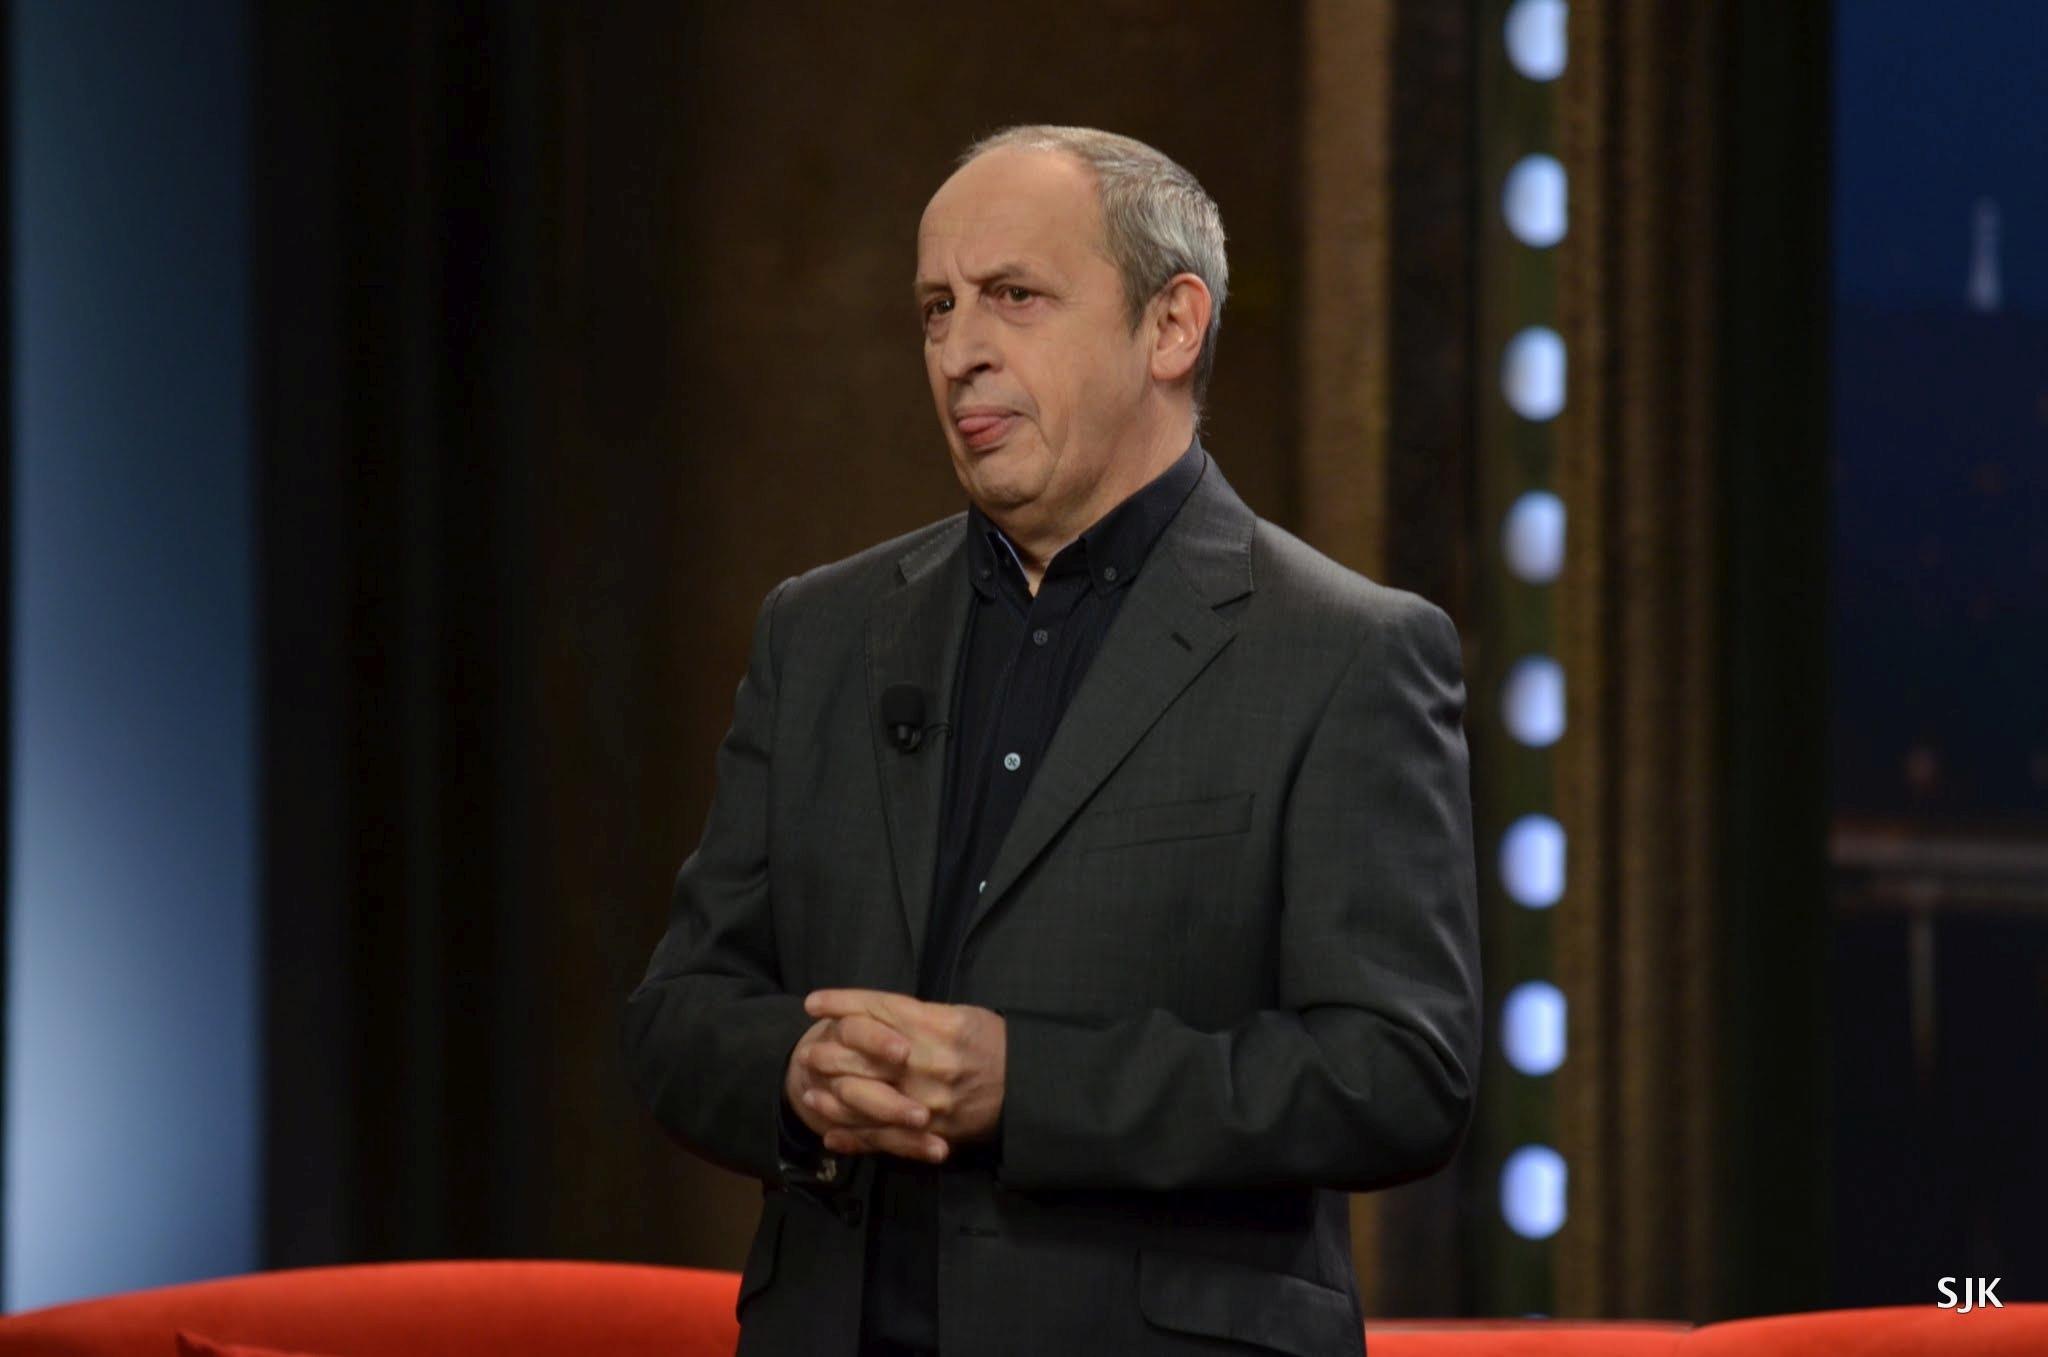 Moderátor Jan Kraus — natáčení SJK 13. 3. 2016